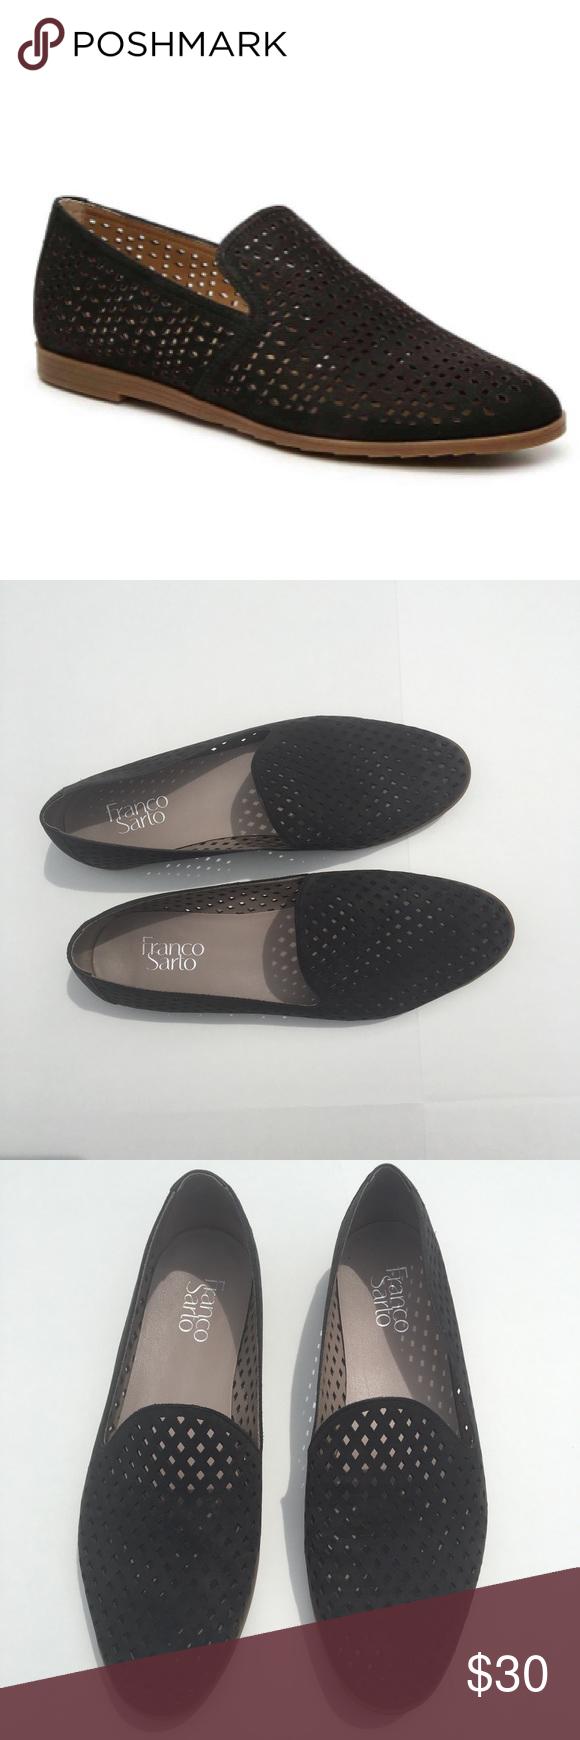 562327683c8 Franco Sarto Faryn Loafers - Black Laser Cut Faryn loafer by Franco Sarto  in black suede